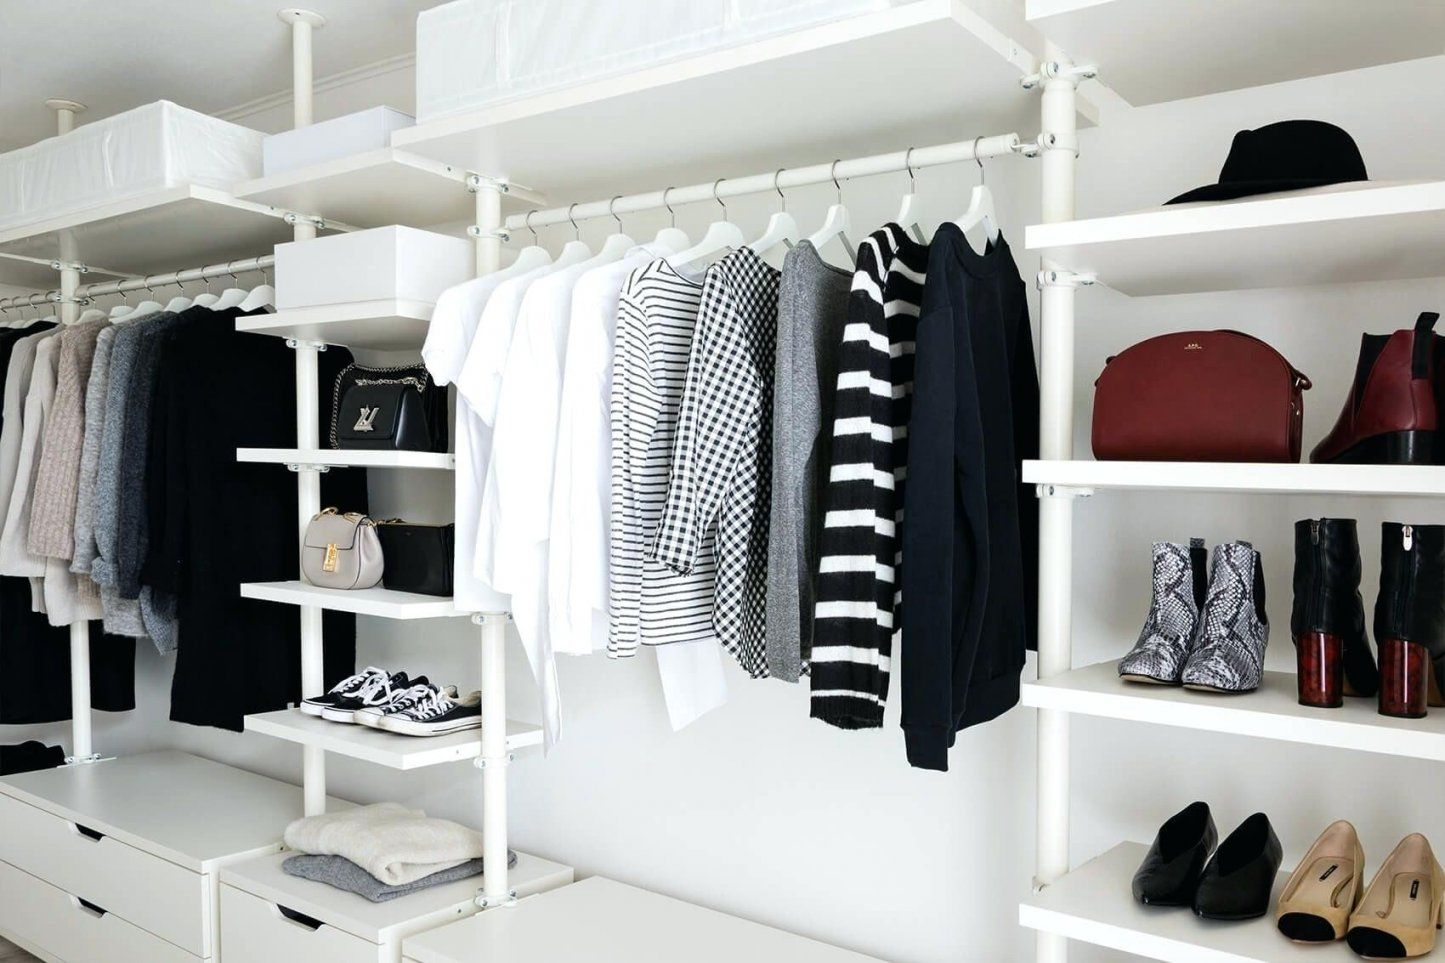 Kleiderschranksystem Offen Offener Kleiderschrank Ikea Feinste von Offenen Kleiderschrank Selber Bauen Bild